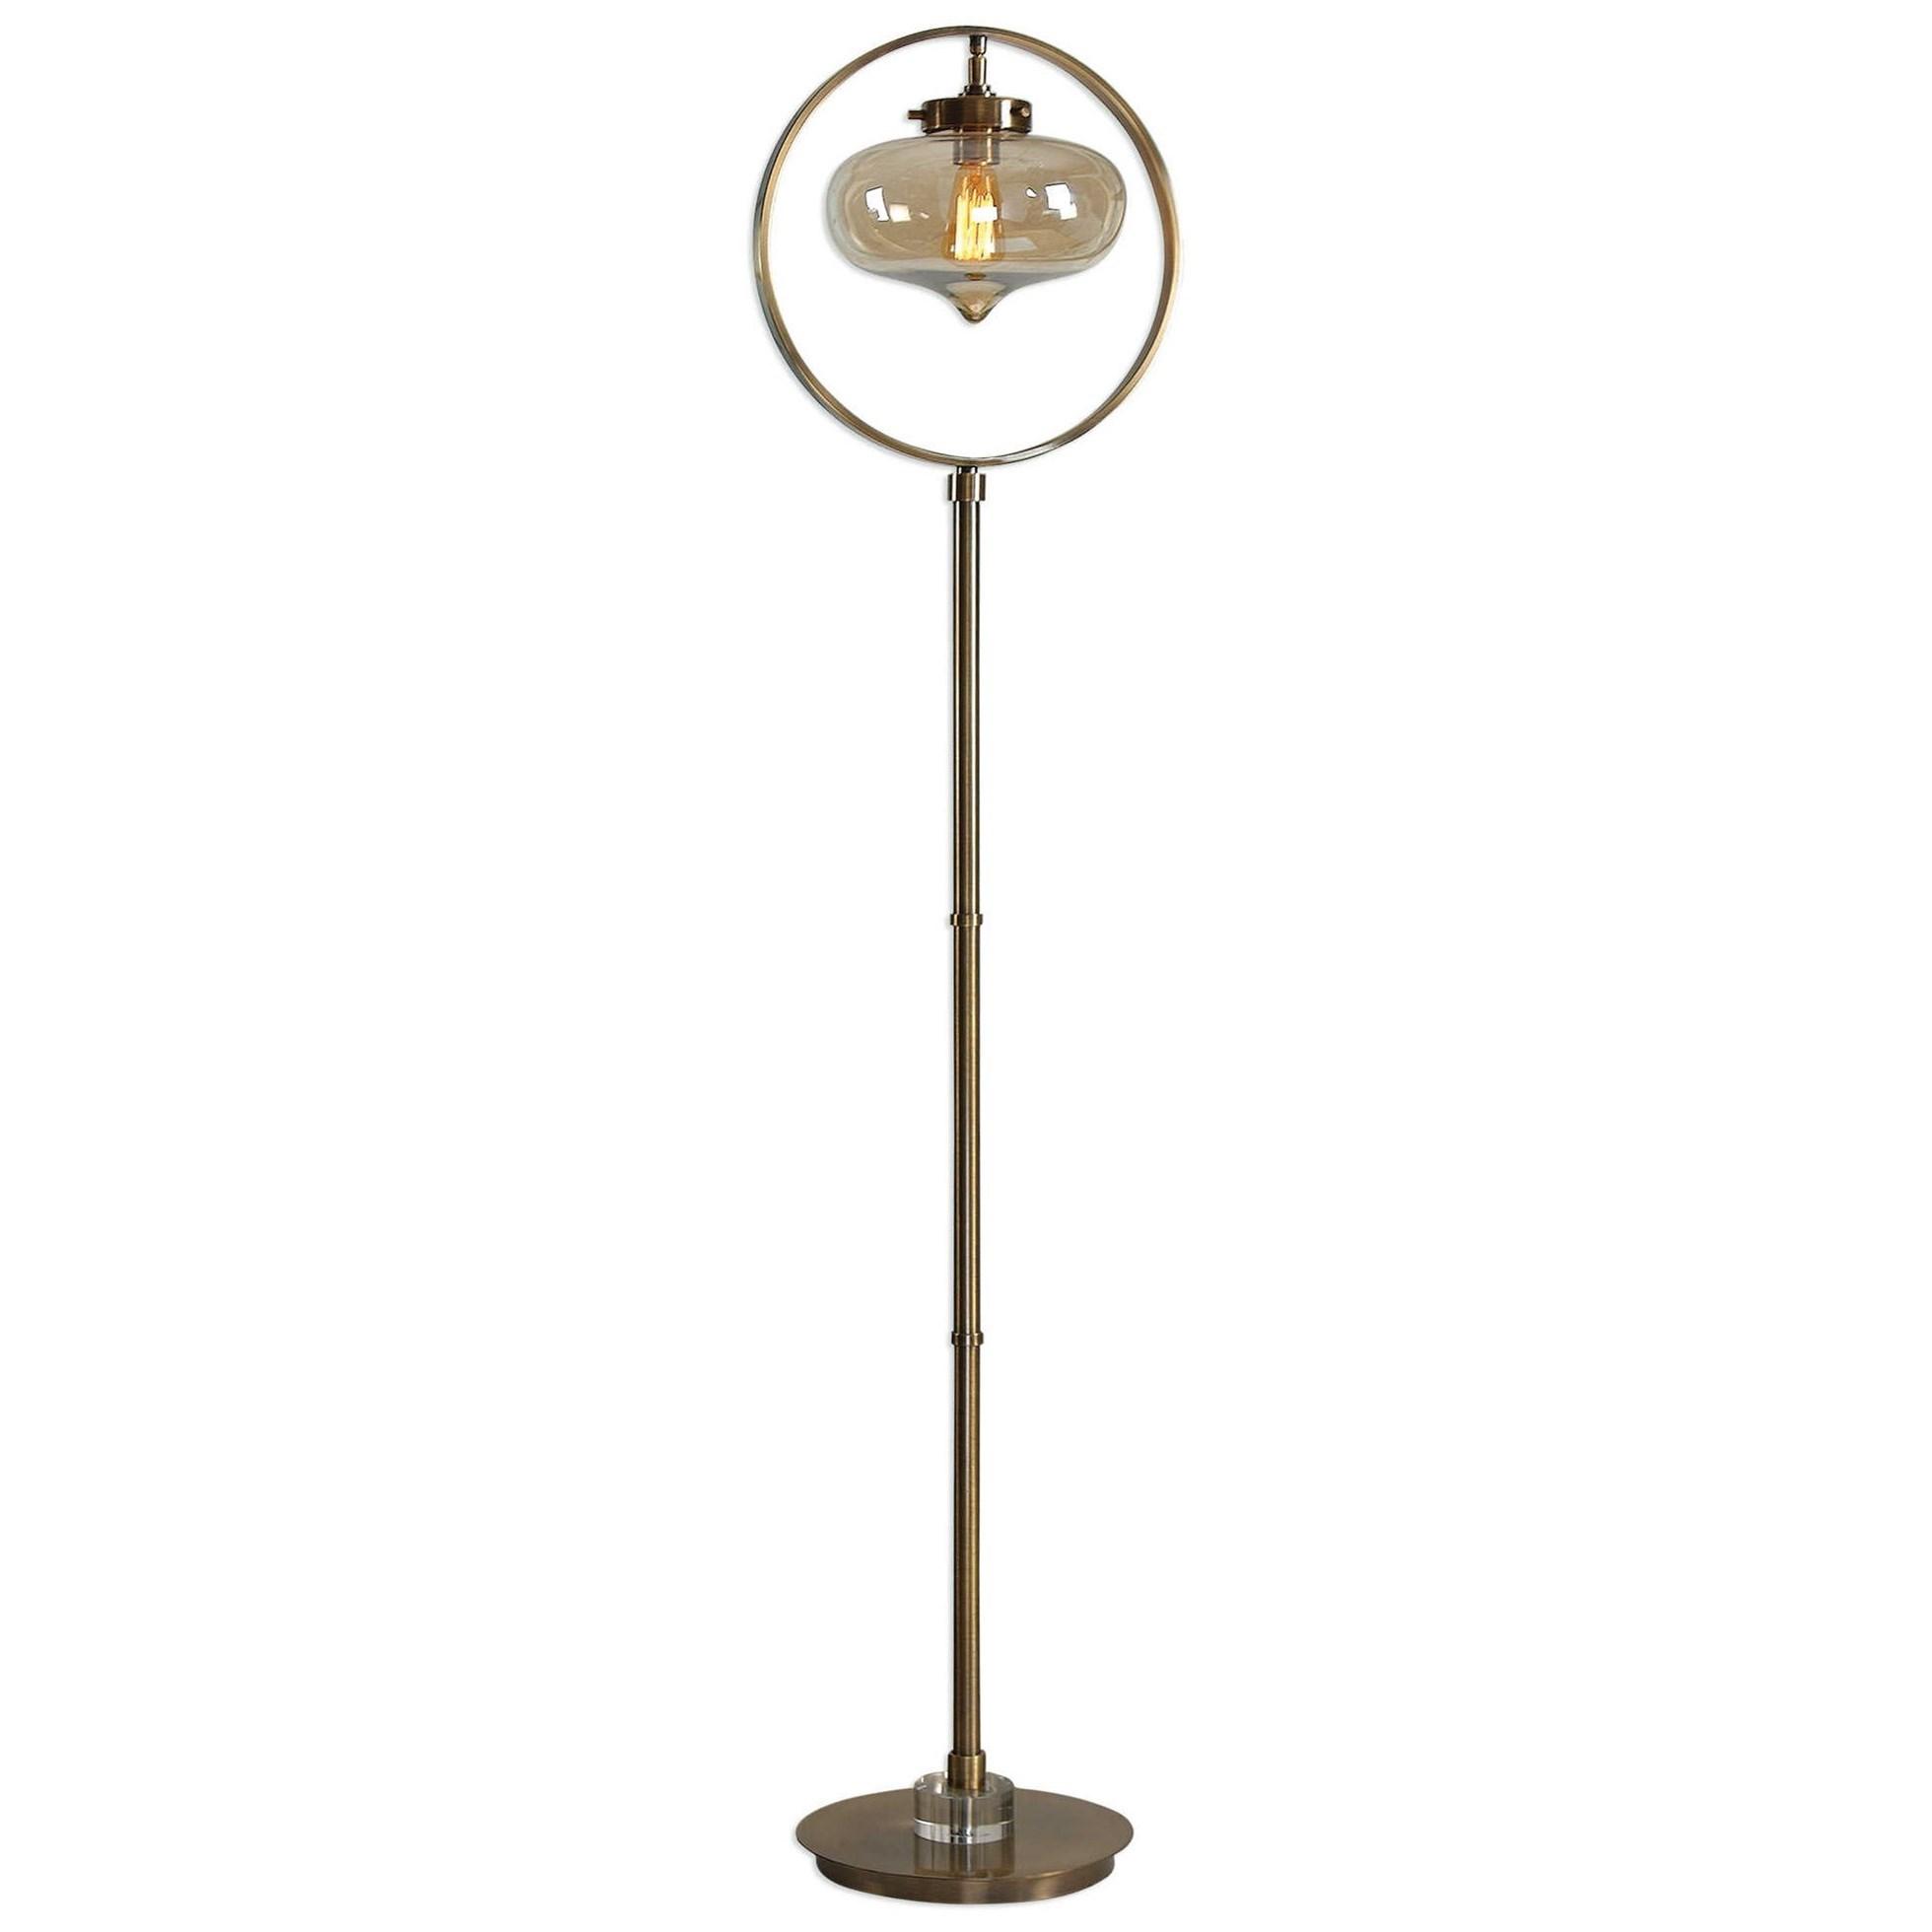 Uttermost Lamps 28154 1 Namura Edison Globe Floor Lamp